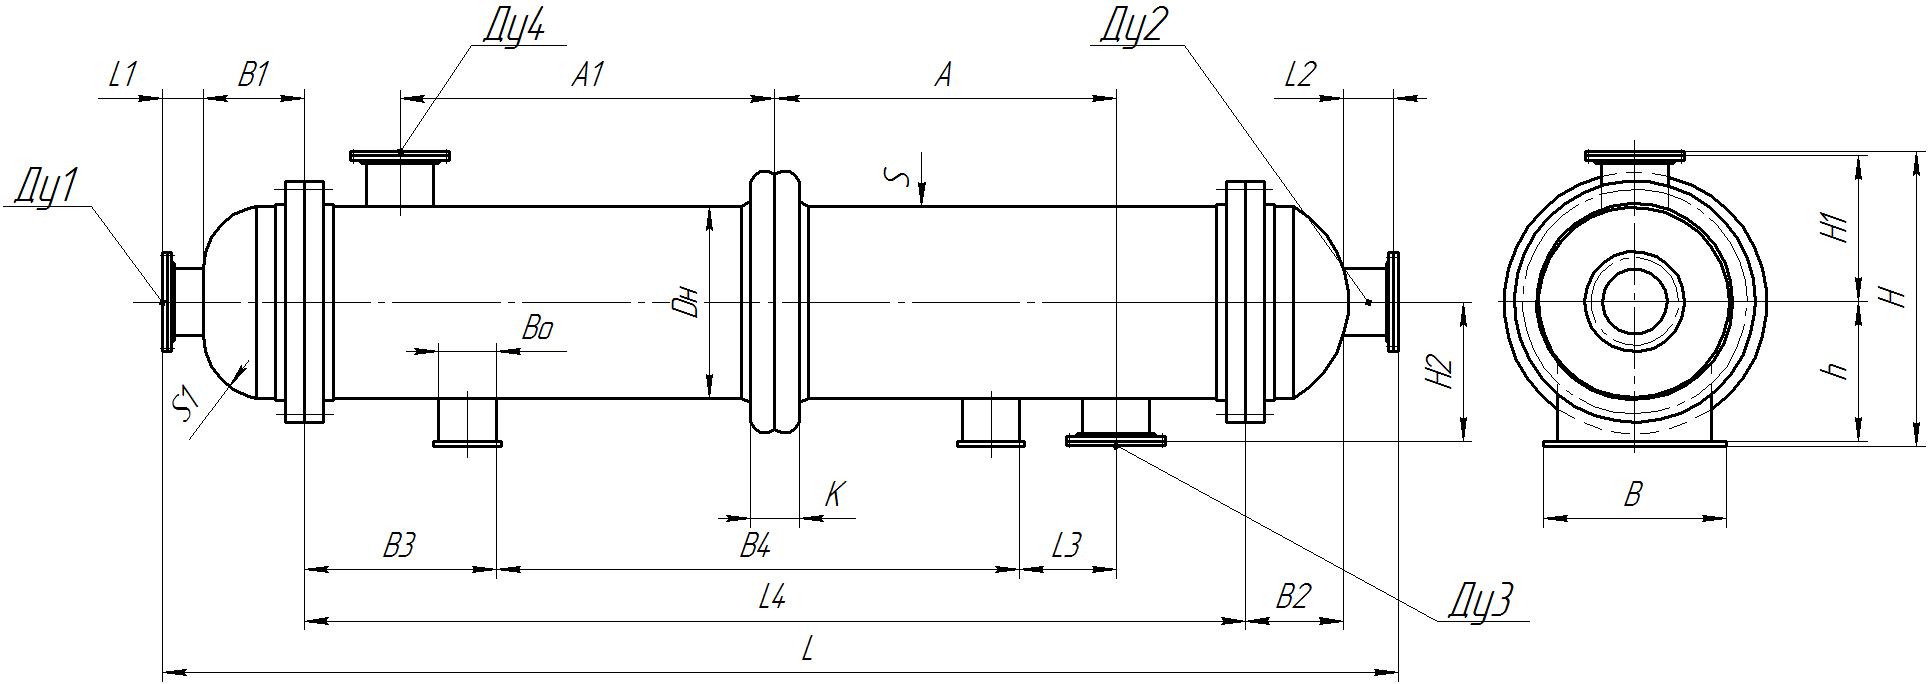 Теплообменник кожухотрубный (кожухотрубчатый) типа ТКГ Пушкино Уплотнения теплообменника Машимпэкс (GEA) LWC 100T Минеральные Воды